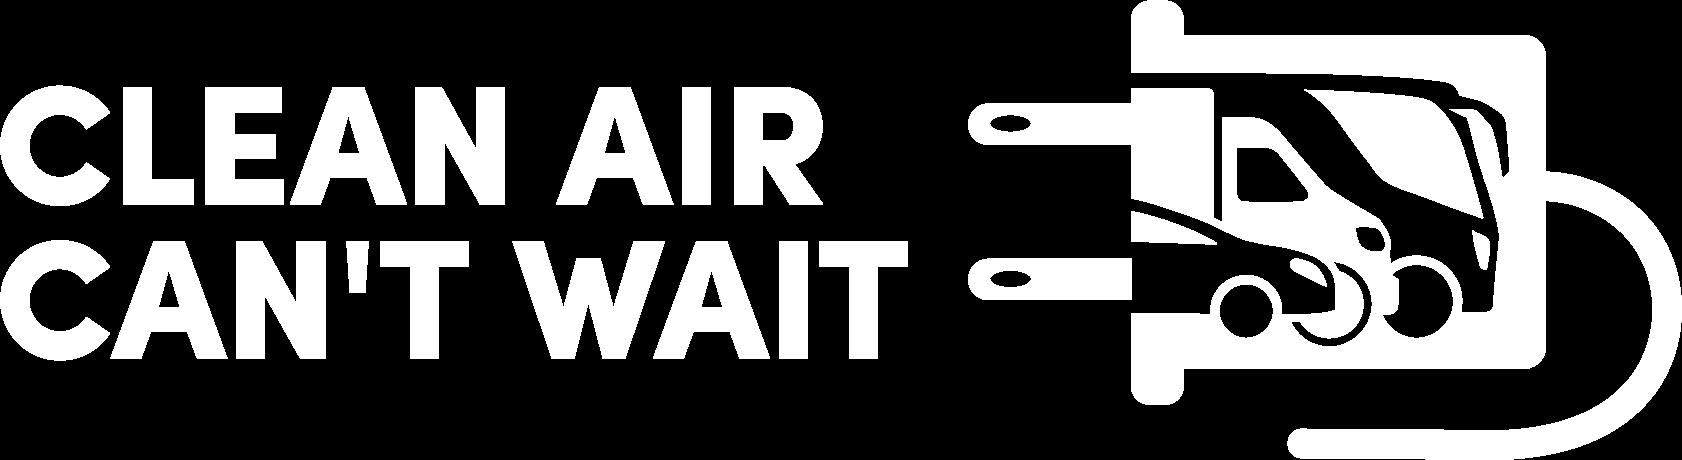 Clean Air Can't Wait